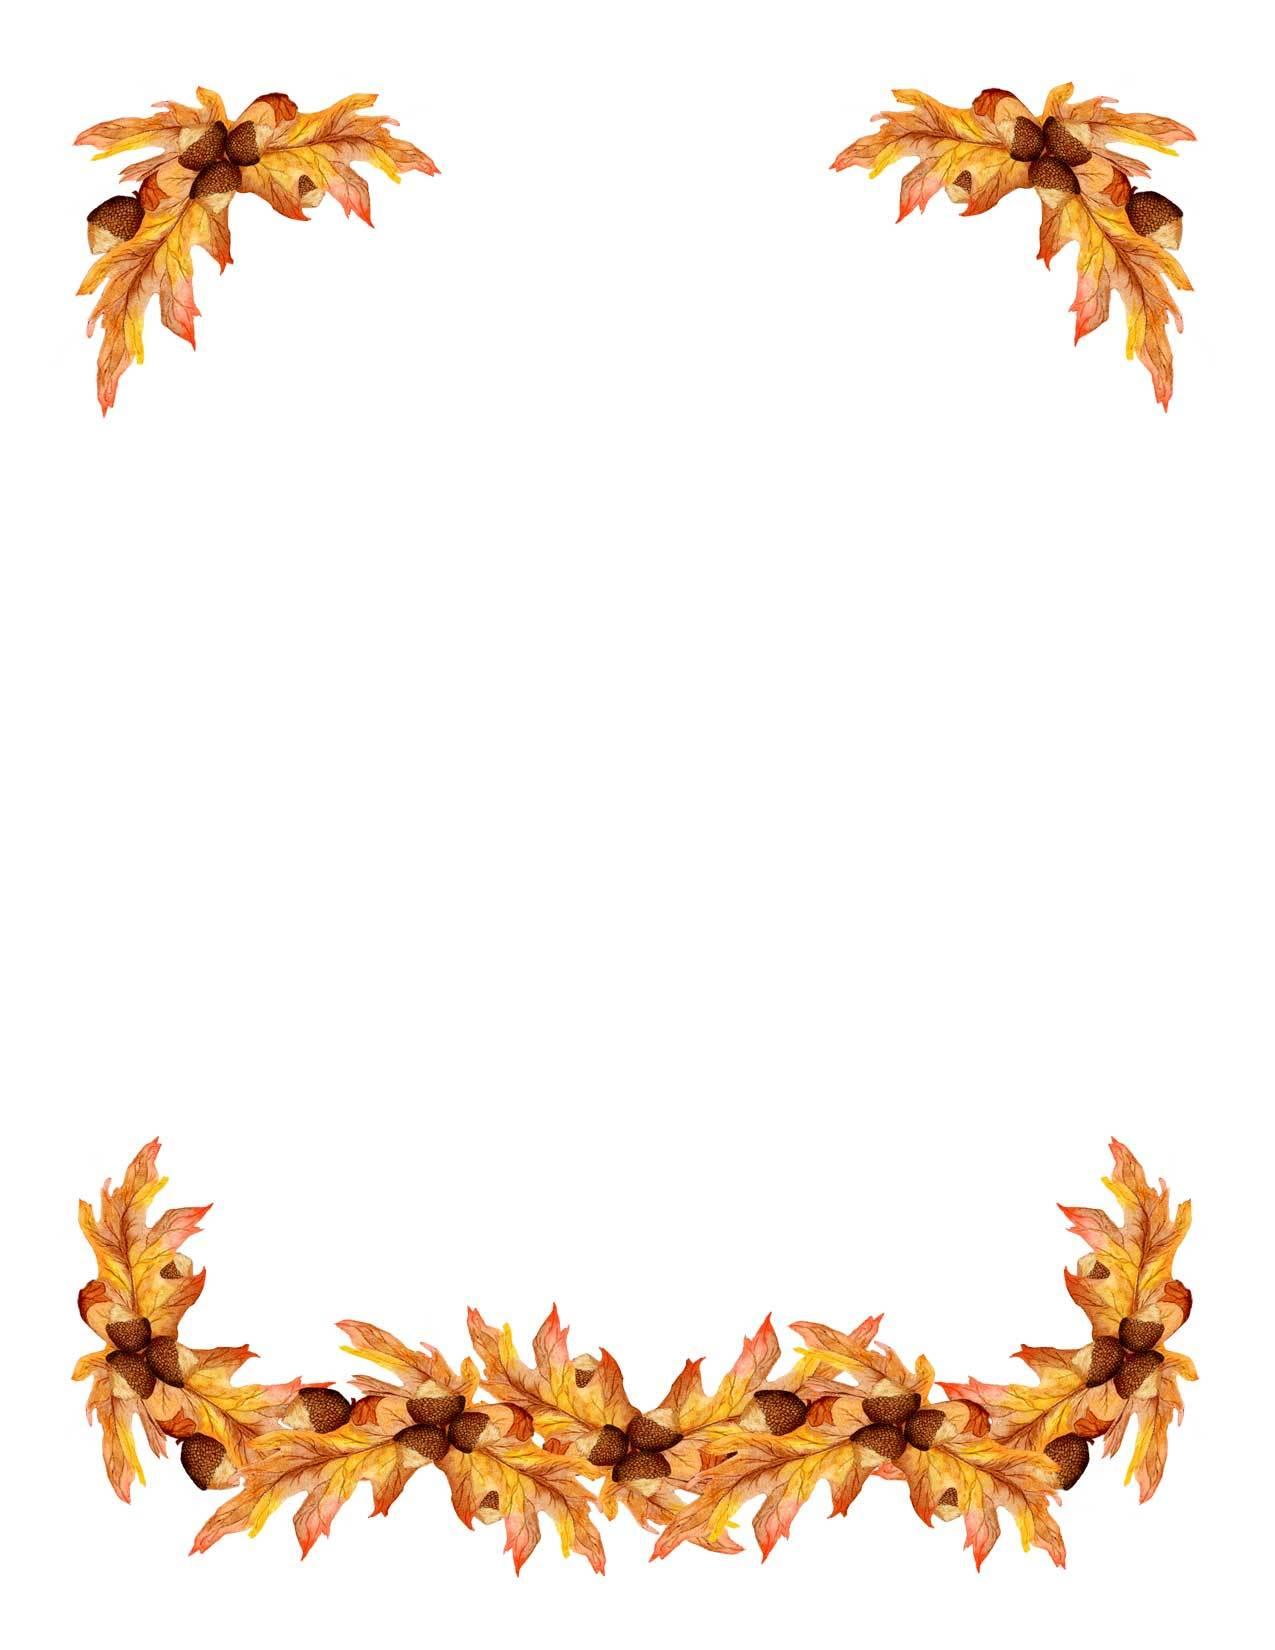 Oak leaf border clipart 2 » Clipart Portal.